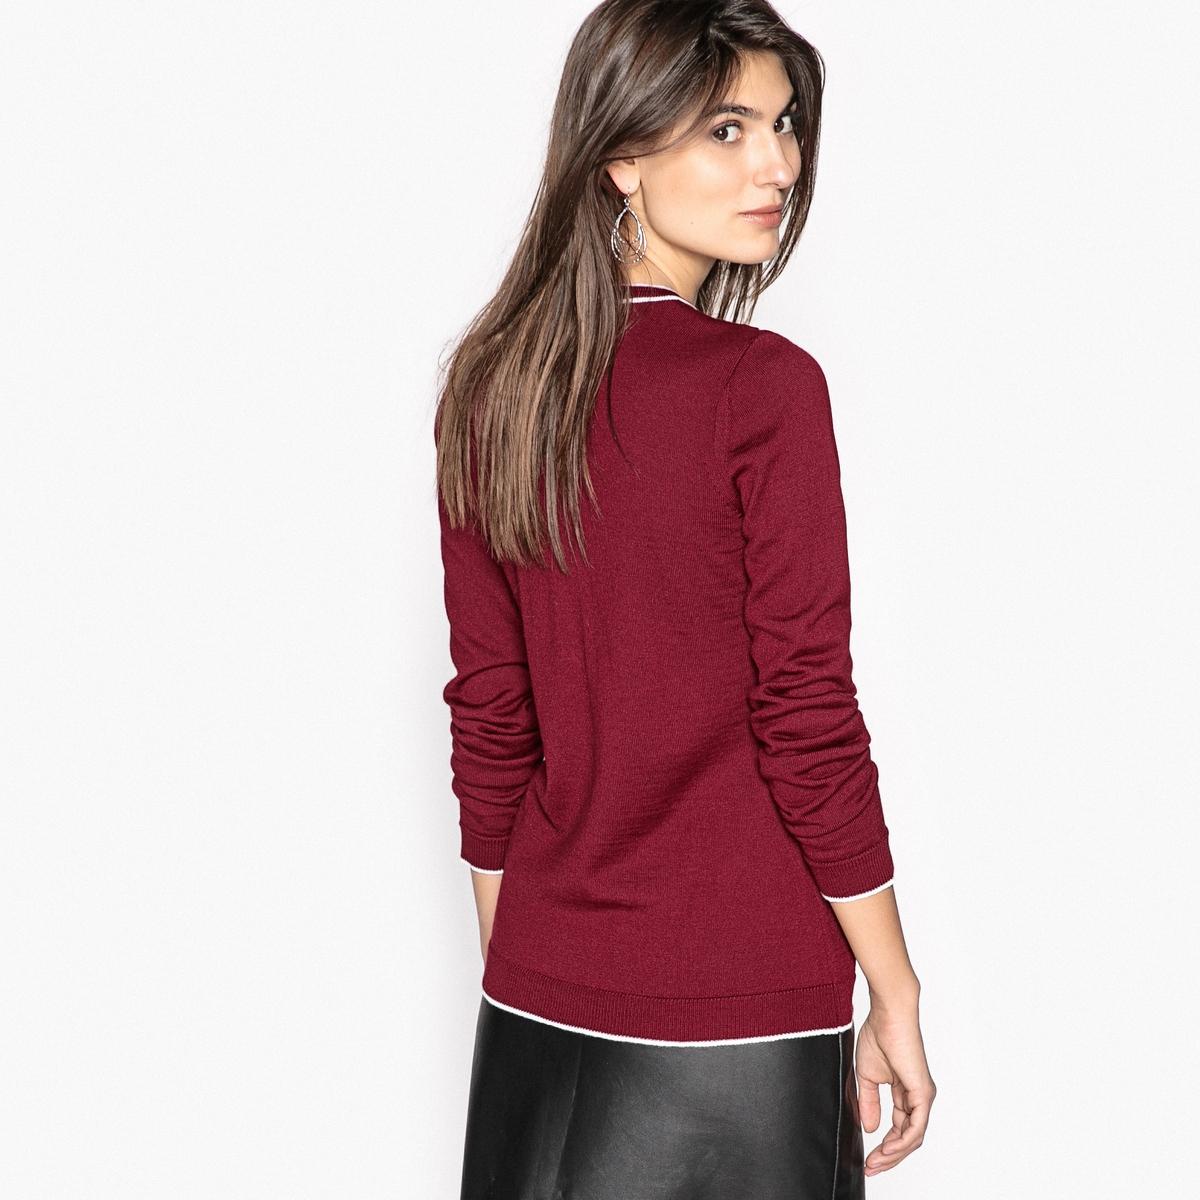 Sweter rozpinany z okrągłym dekoltem, 50% wełny Merynos